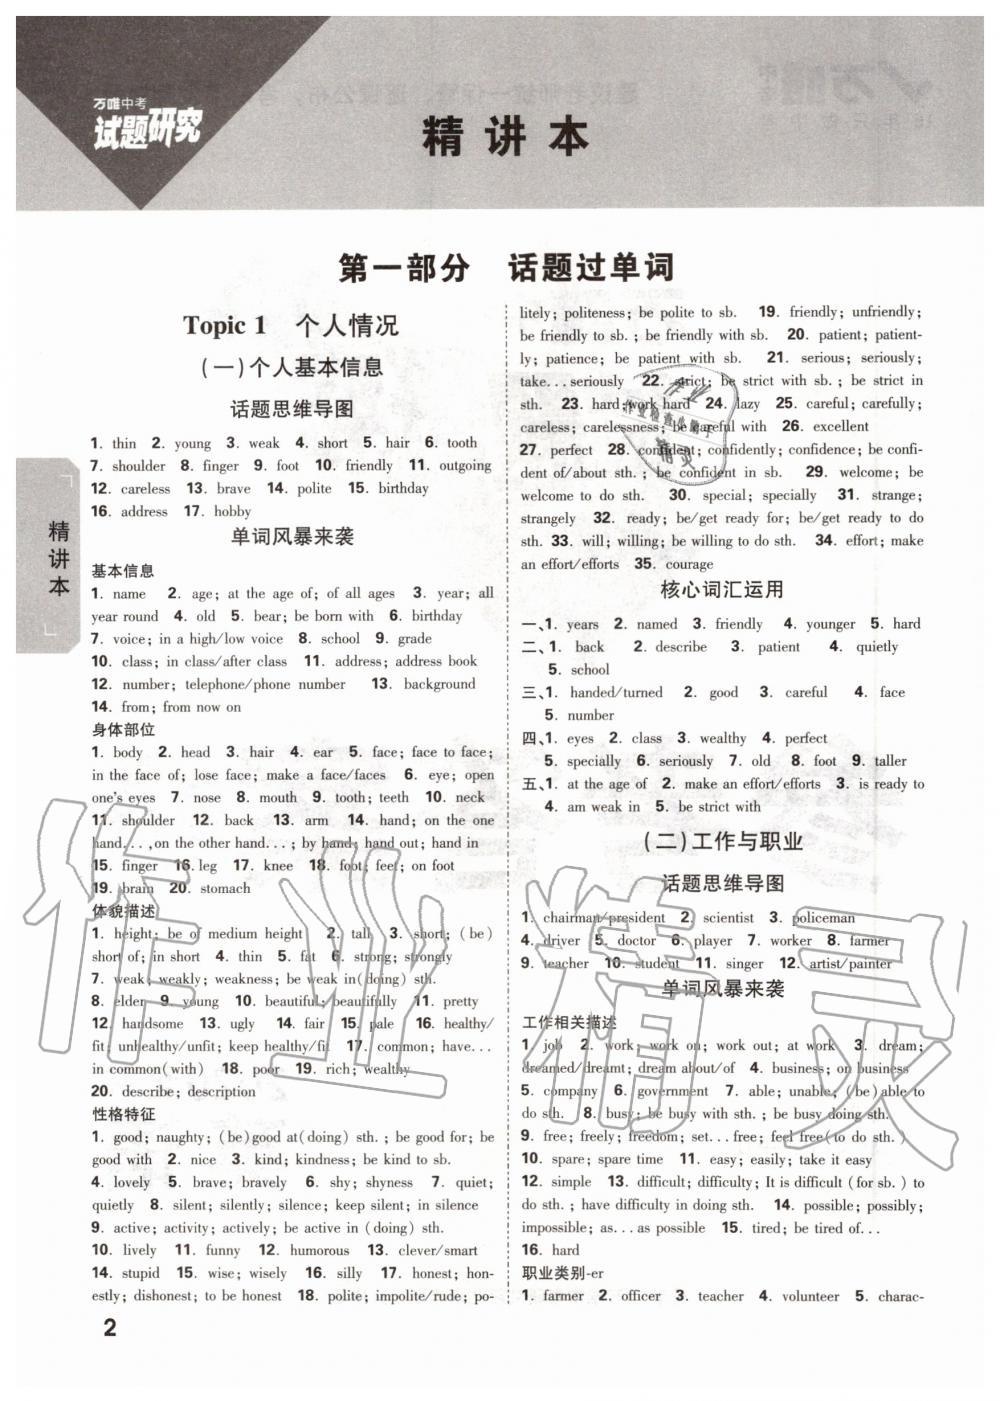 2019年萬唯中考試題研究九年級英語全一冊北京專版第1頁